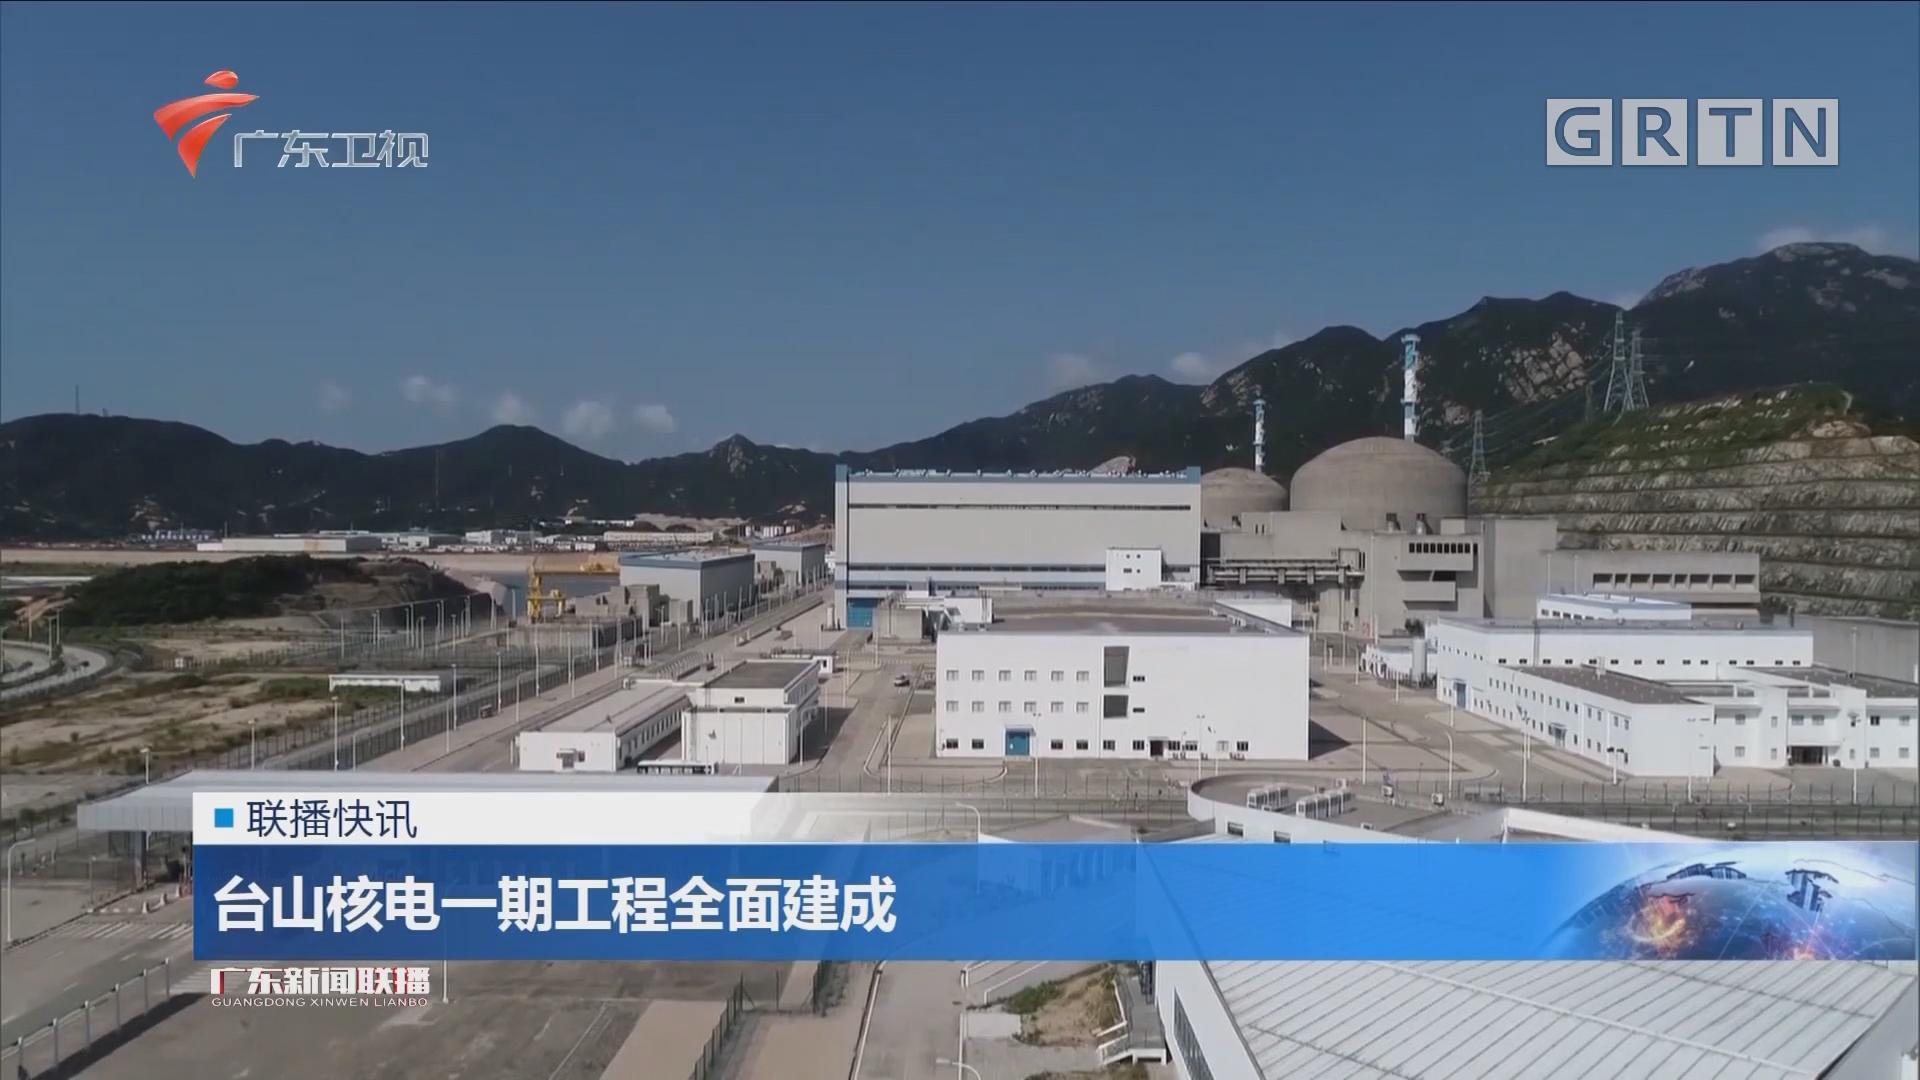 台山核电一期工程全面建成